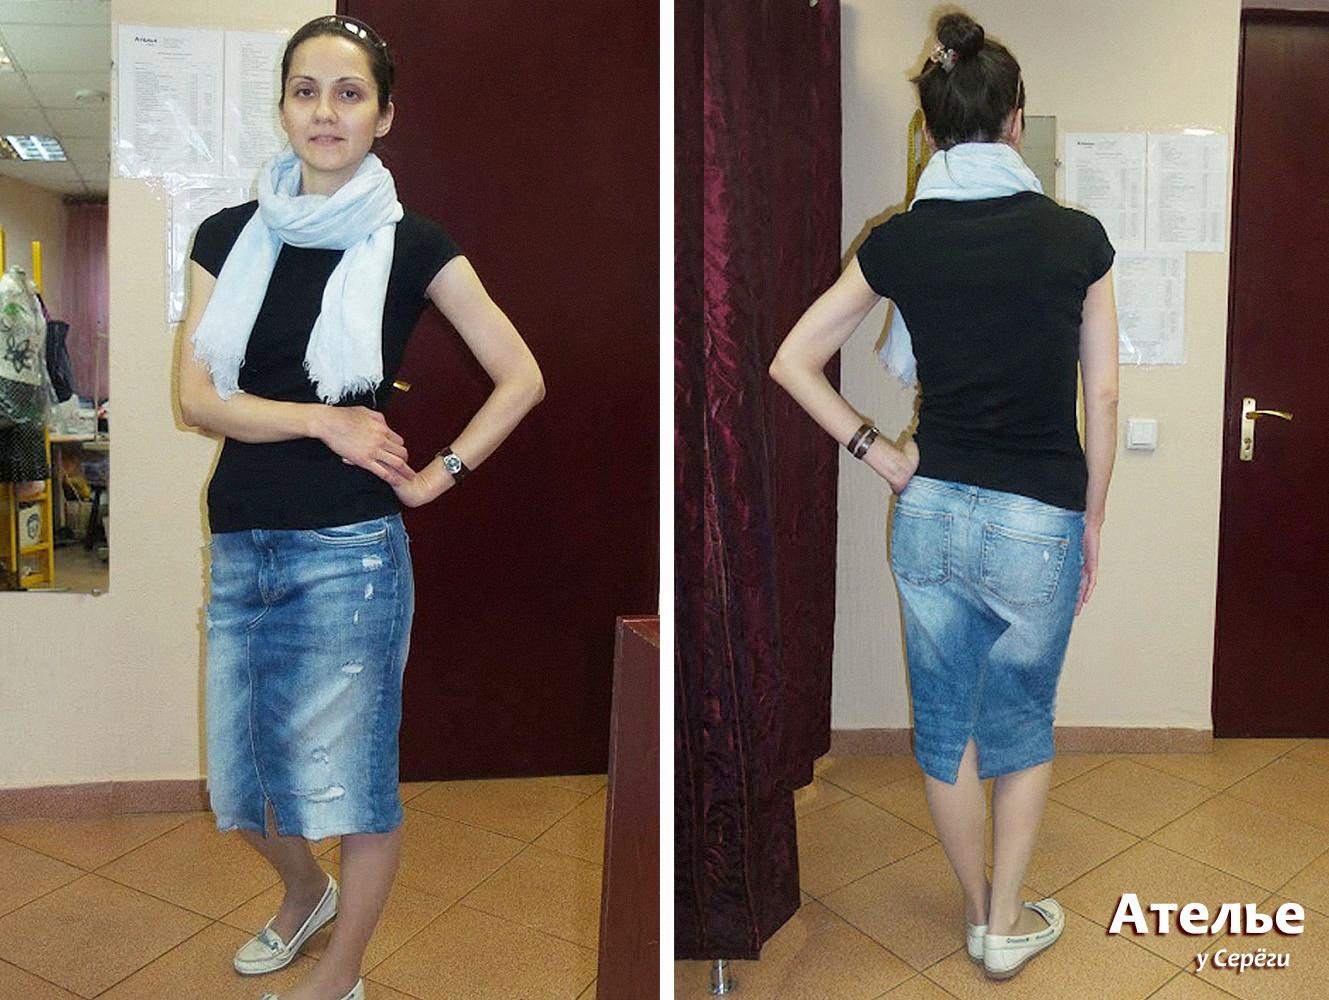 Юбка из джинсов - смотрится хорошо и «сидит» отлично!